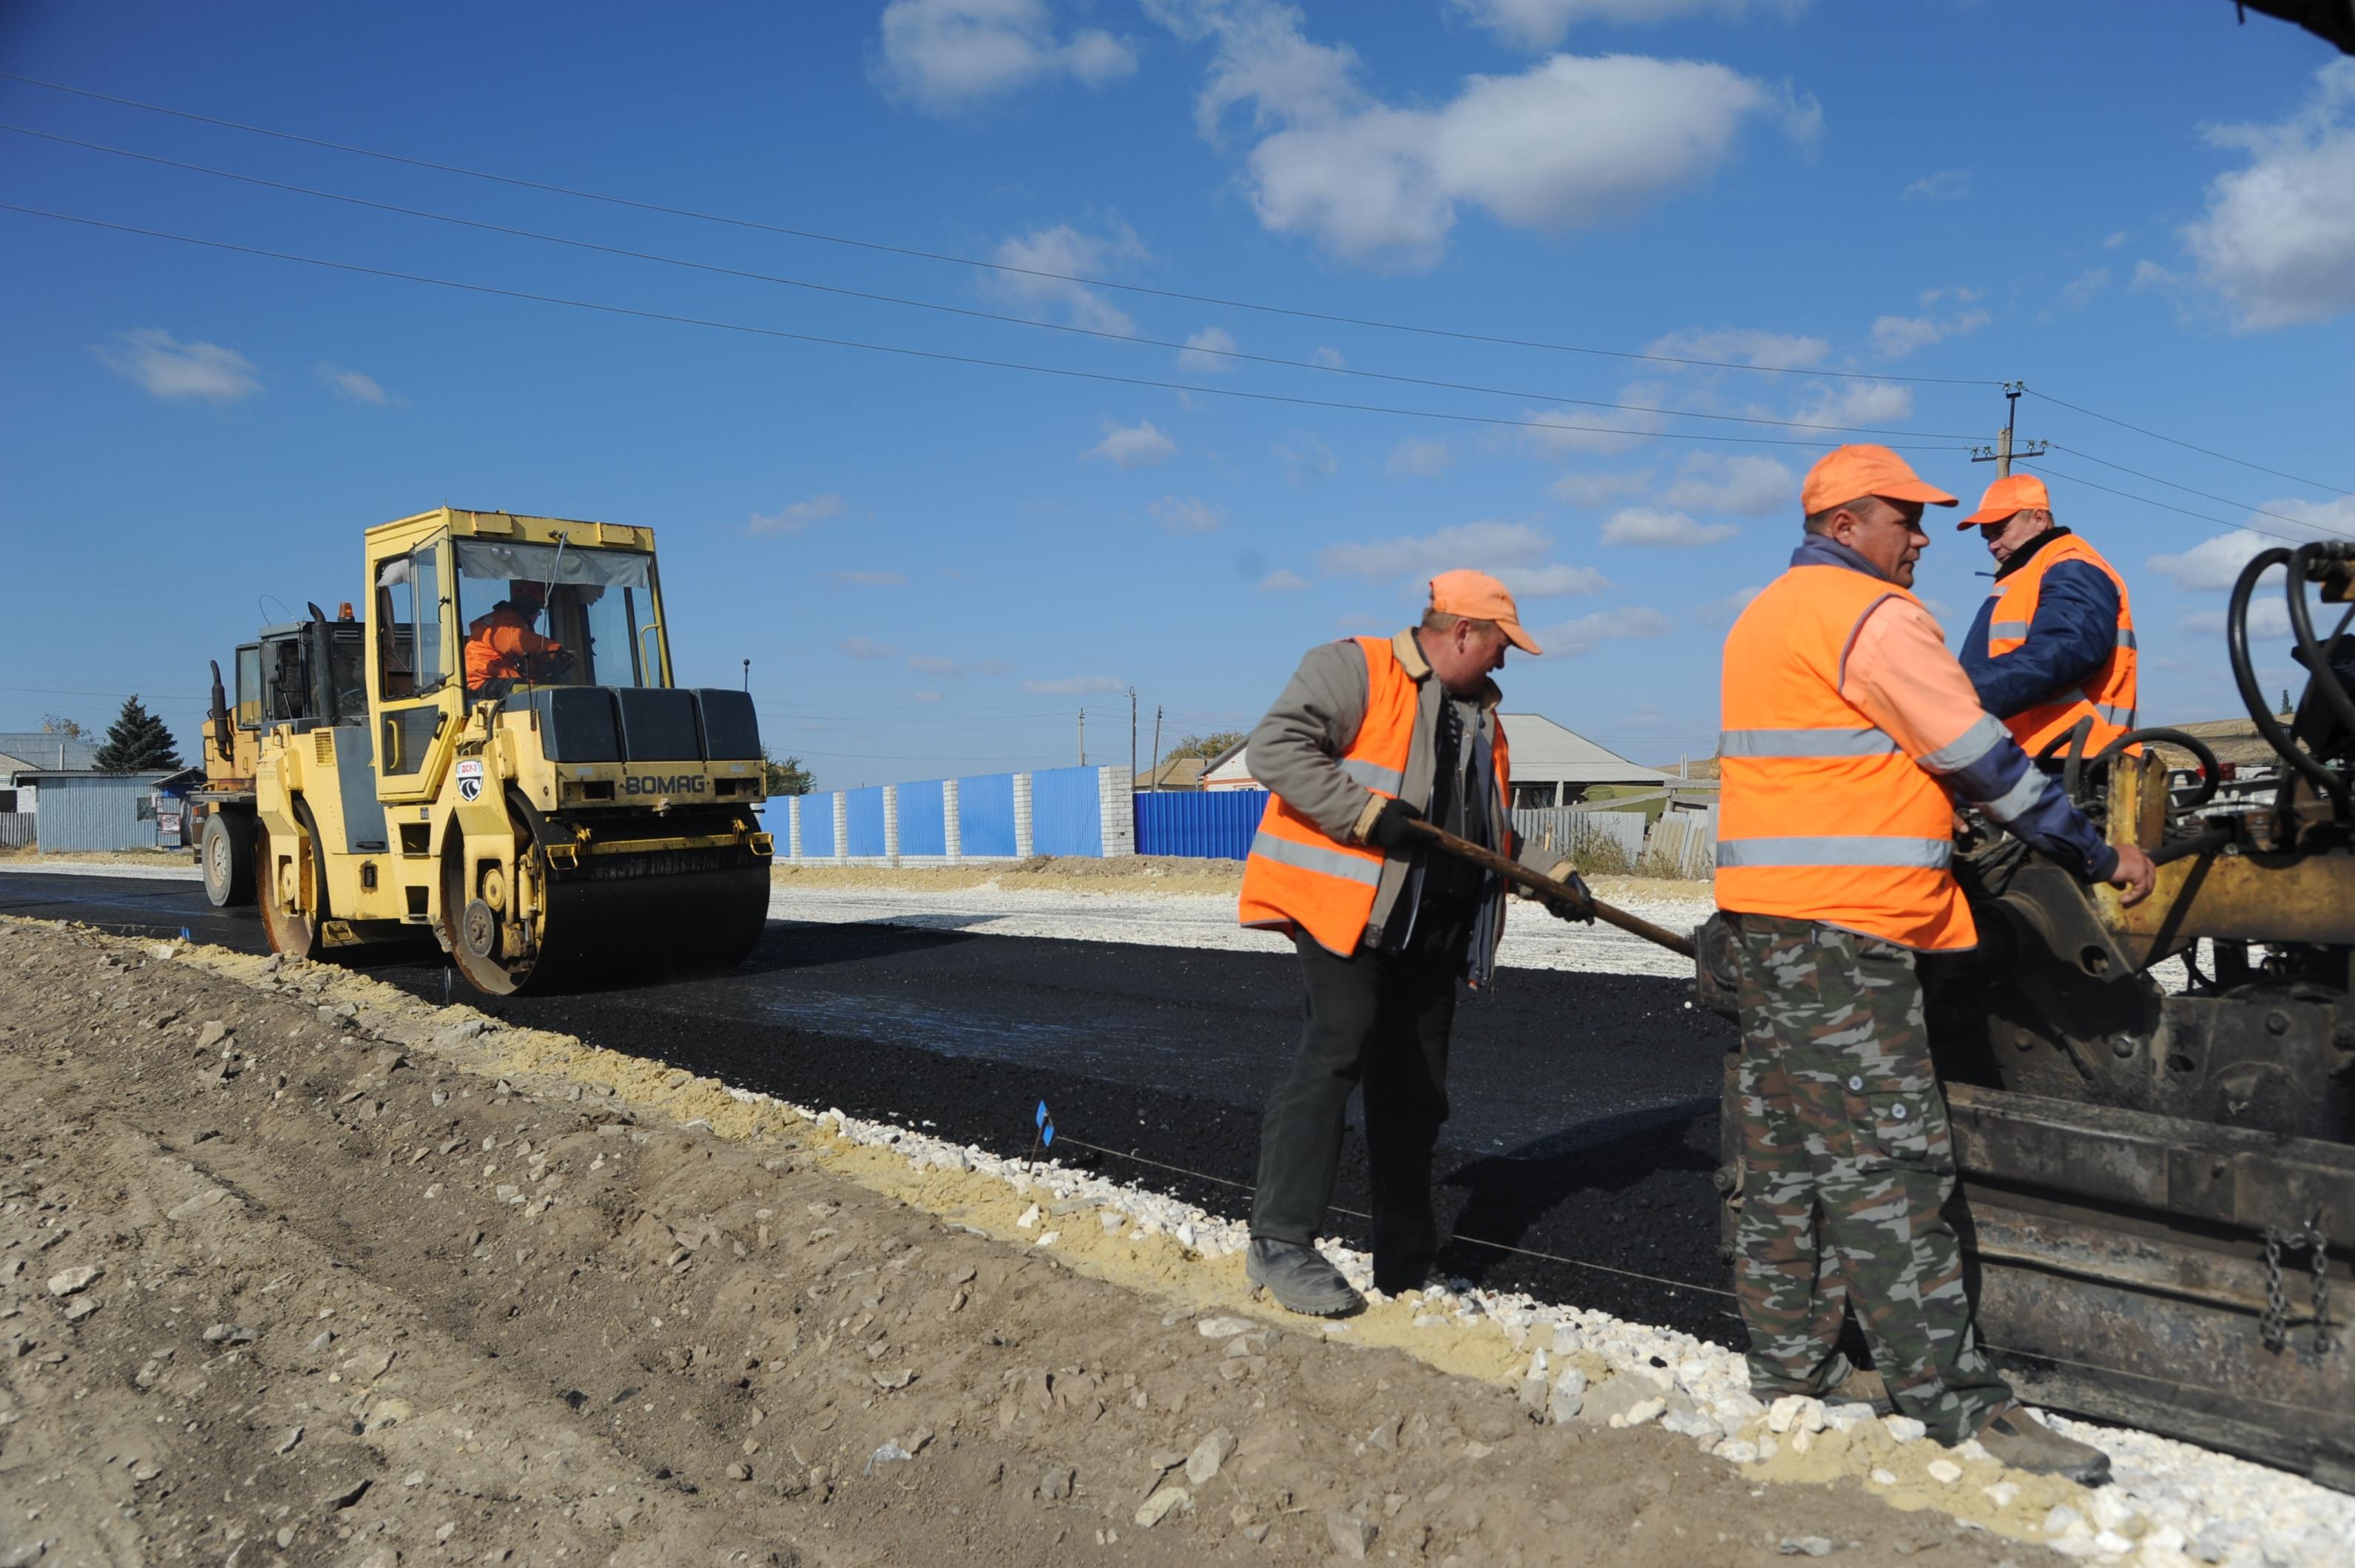 В ближайшие 2-3 года в Новой Москве появится порядка 80 км новых дорог